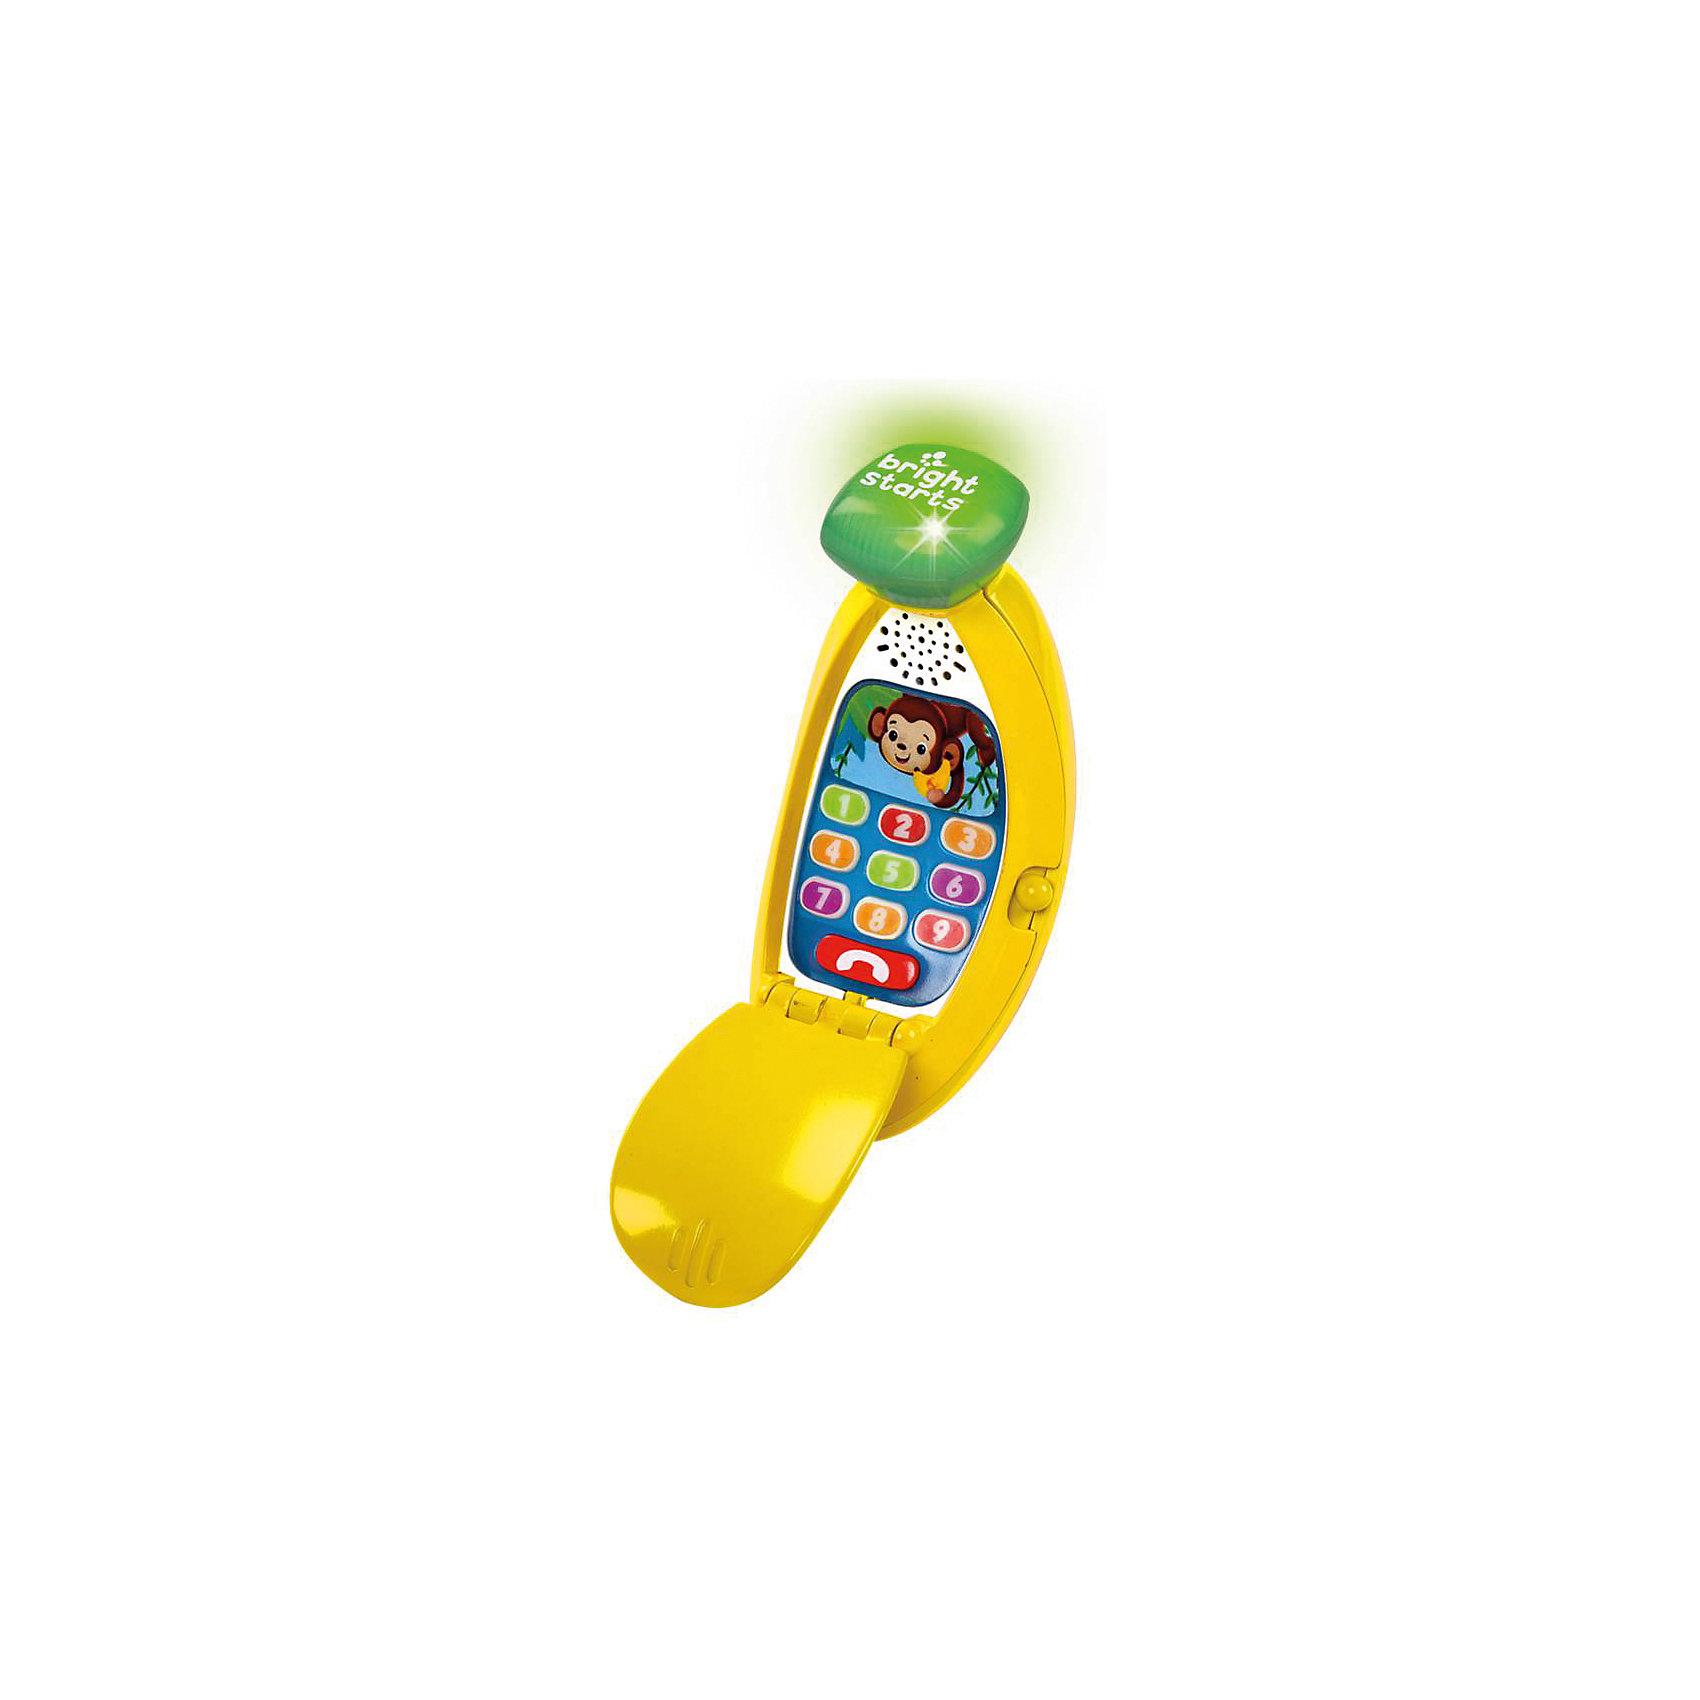 Развивающая игрушка «Банана-фон»Развивающая игрушка «Банана-фон», Bright Starts<br>Развивающая игрушка «Банана-фон» от знаменитого американского бренда Bright Starts (Брайт стартс). Веселый интреактивный телефон для детей в виде банана – развеселит вашего малыша. С помощью этой игрушки малыш сможет развивать мелкую моторику пальчиков – при нажатии на кнопочки телефон издает звуки и светится. Телефон научит вашего малыша забавным мелодиям и фразам, а так же цифрам на английском, испанском и французском языках.  <br>- Материал: пластик, металл<br>- Высота: 71 см<br>- ширина 16,5 см<br>- глубина 4,6 см<br>- необходимы две батарейки типа ААА/ LR0.3 1.5V (входят в комплект)<br><br>Подробнее:<br>Для детей в возрасте: от 6 месяцев<br>Номер товара: 4918352<br>Страна производитель: Китай<br><br>Ширина мм: 150<br>Глубина мм: 150<br>Высота мм: 100<br>Вес г: 340<br>Возраст от месяцев: 6<br>Возраст до месяцев: 36<br>Пол: Унисекс<br>Возраст: Детский<br>SKU: 4918352